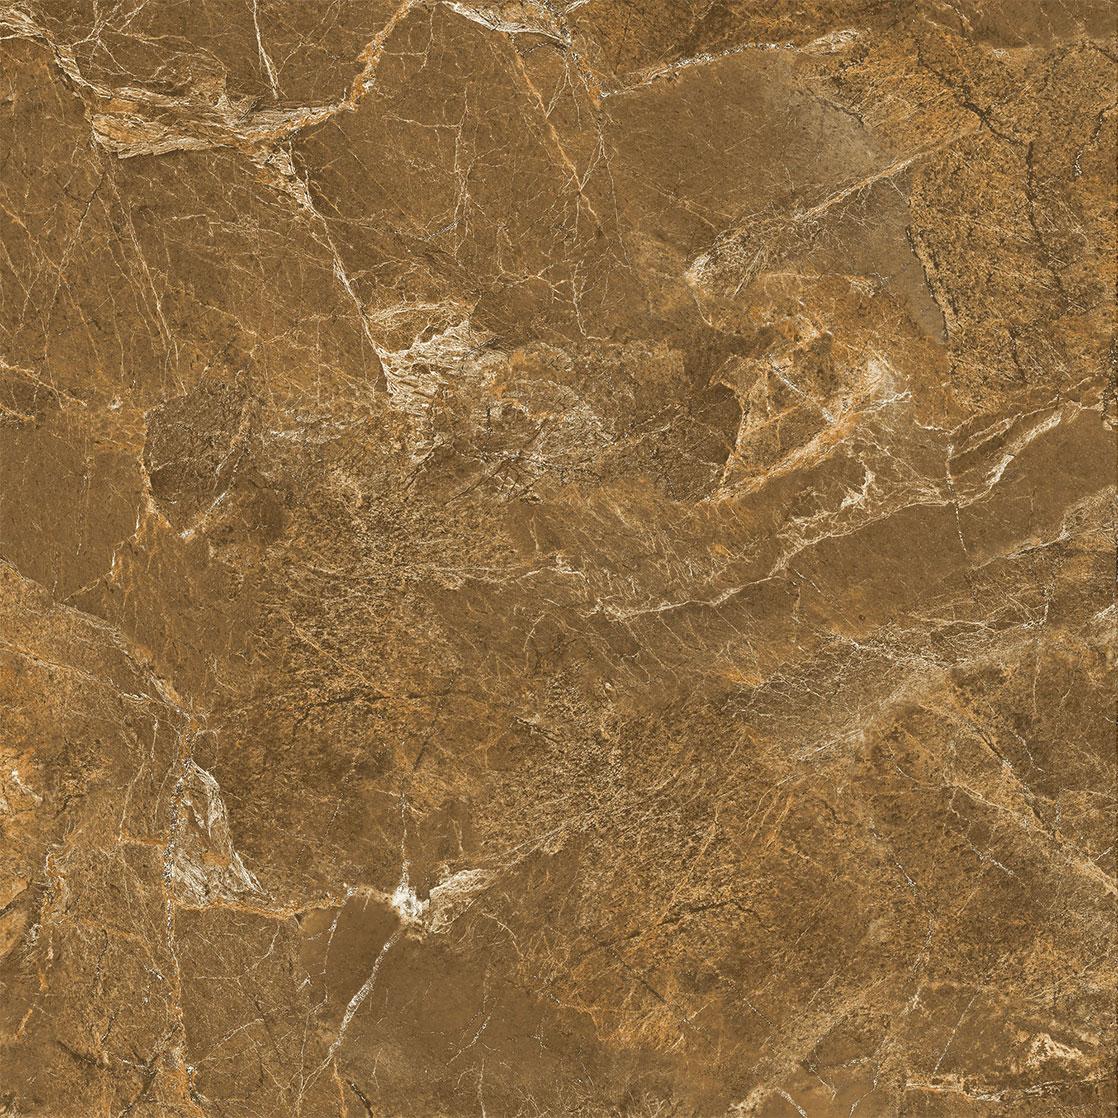 Gạch lát nền 600x600 Viglacera UH B603 giá rẻ